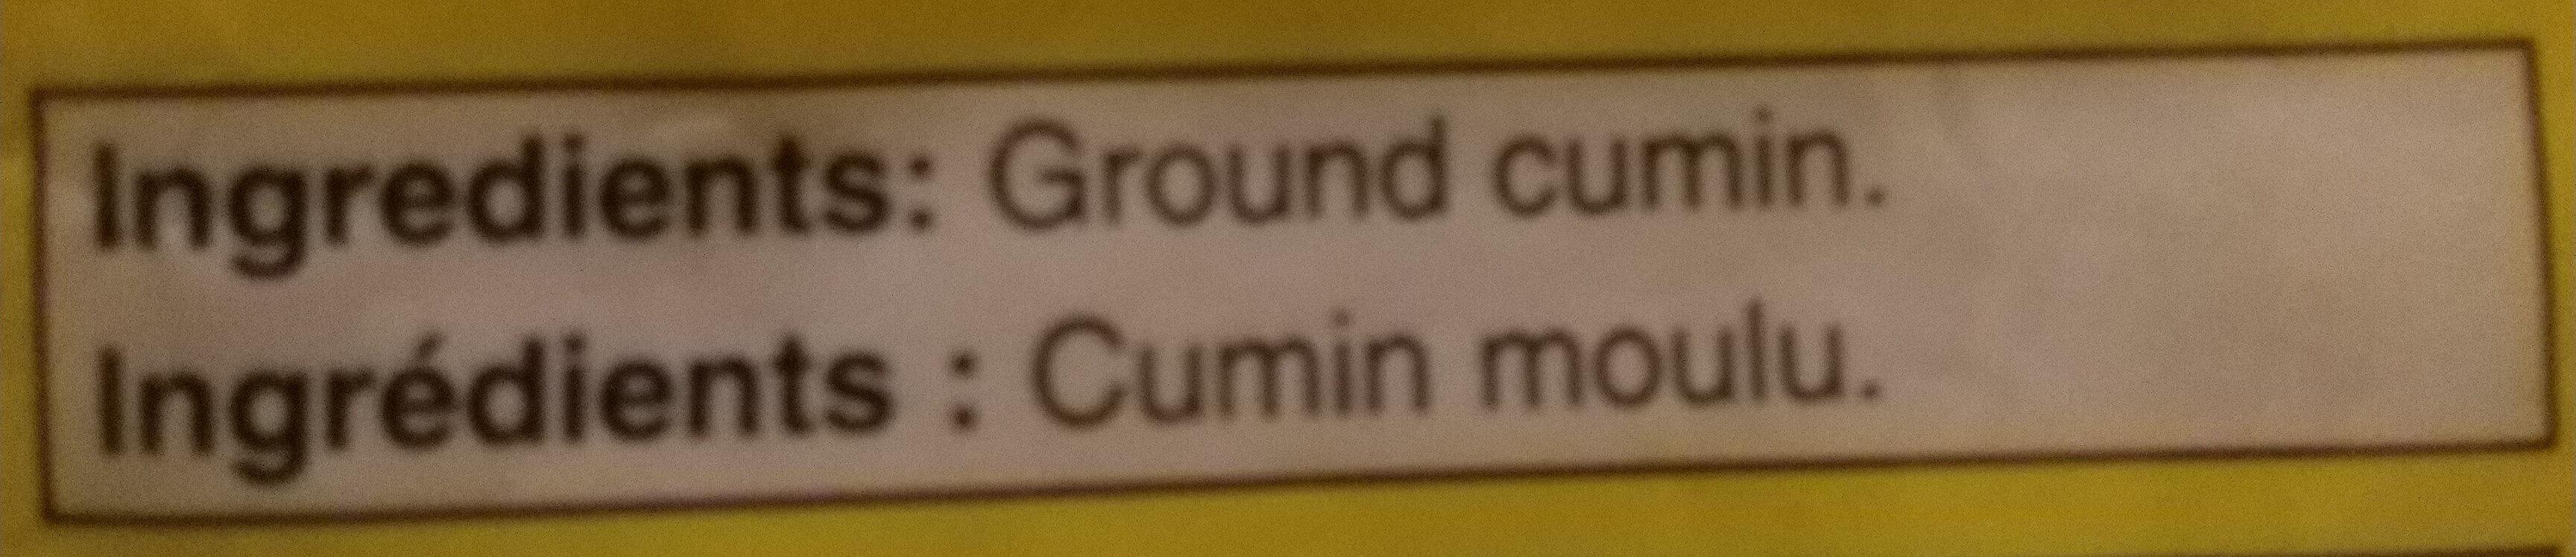 Ground cumin - Ingredients - en